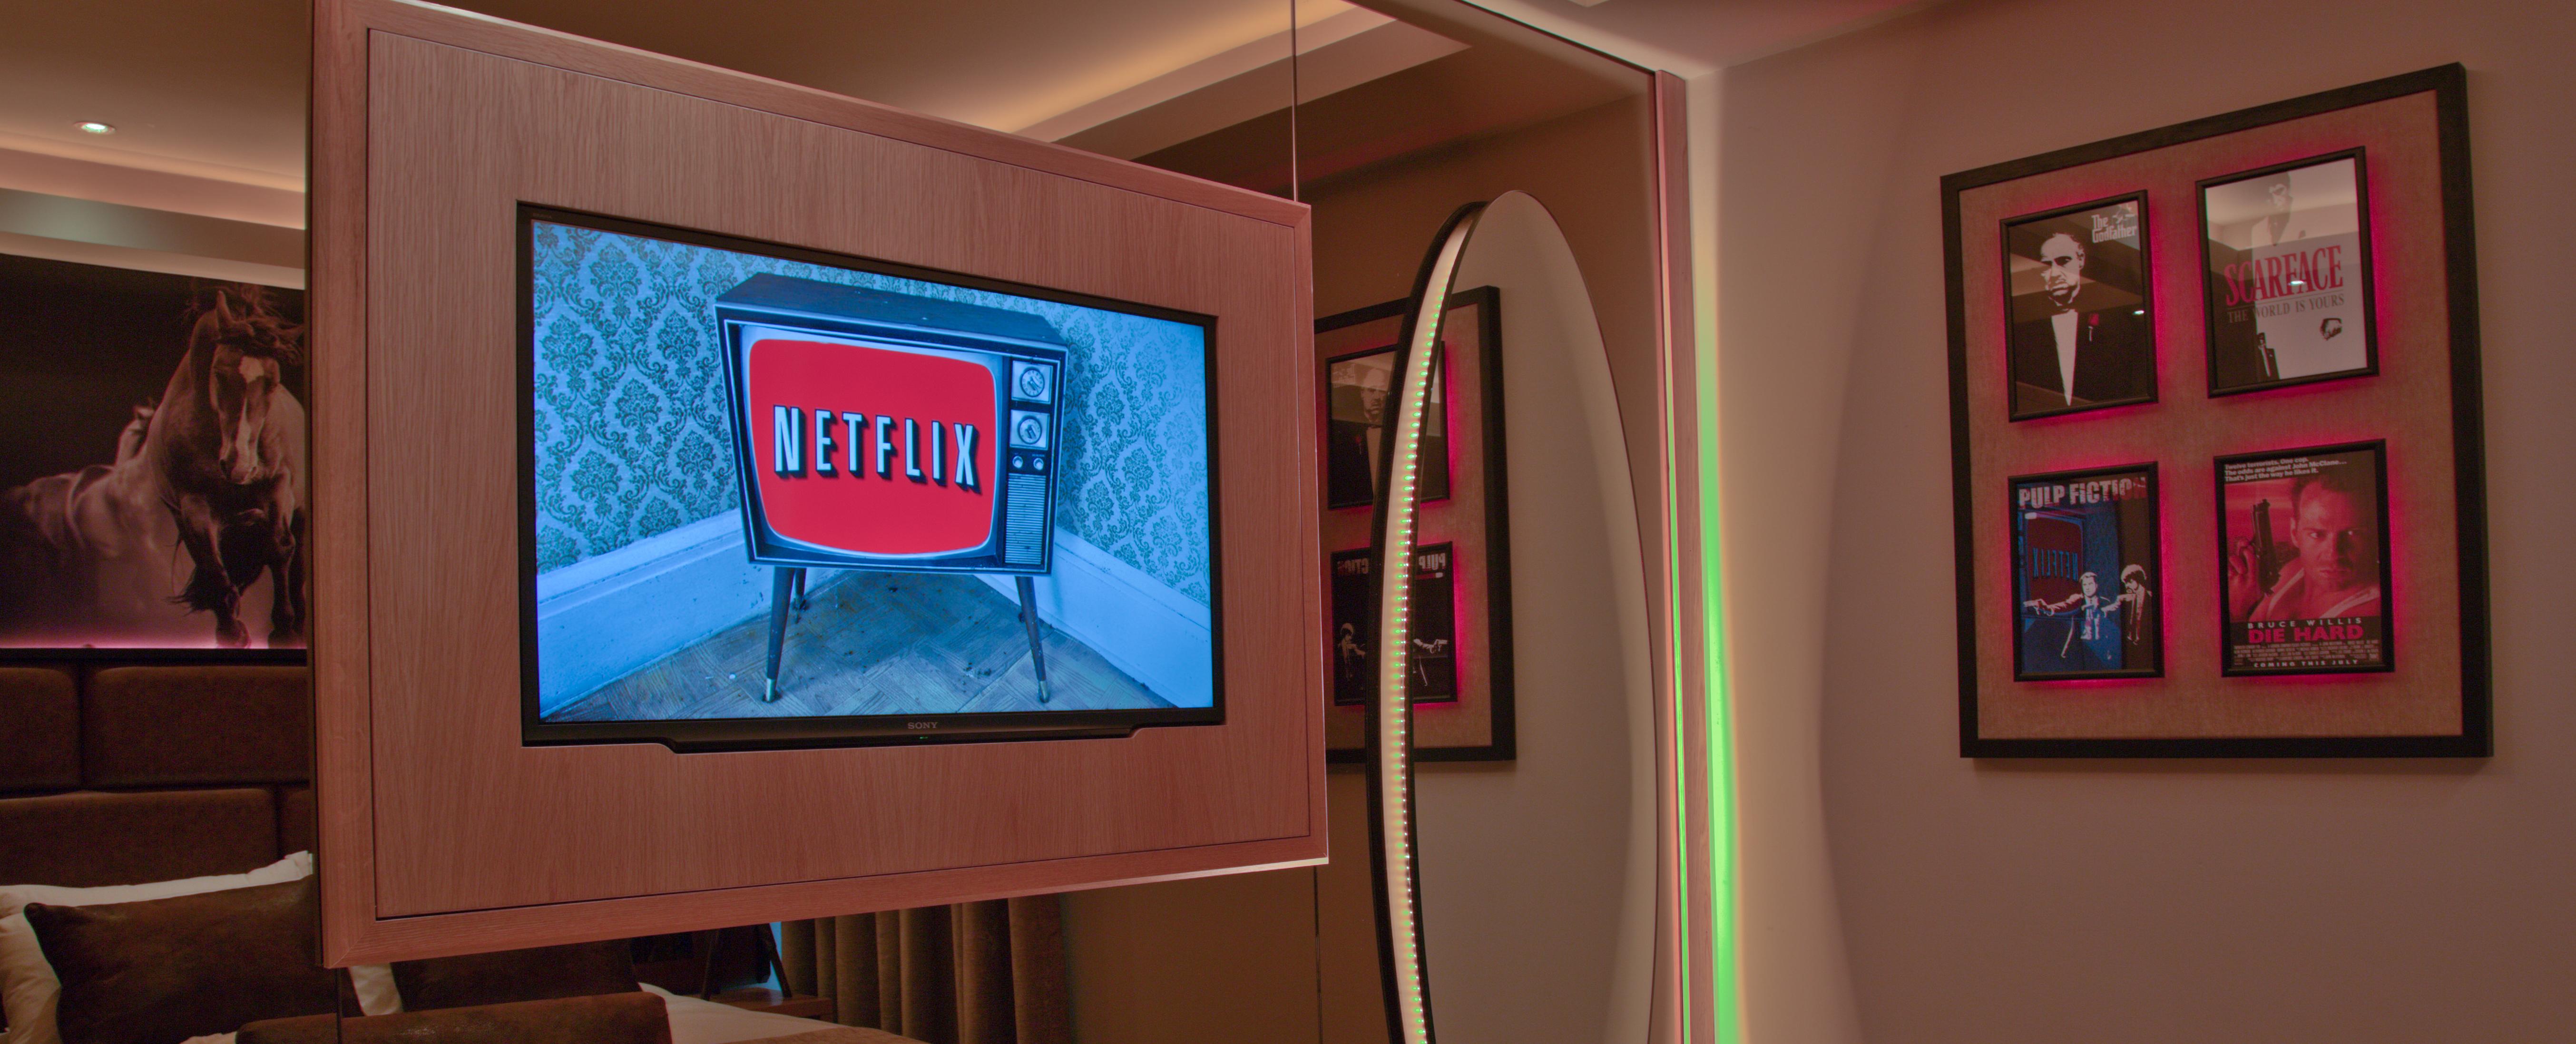 Don't miss your Netflix Fix